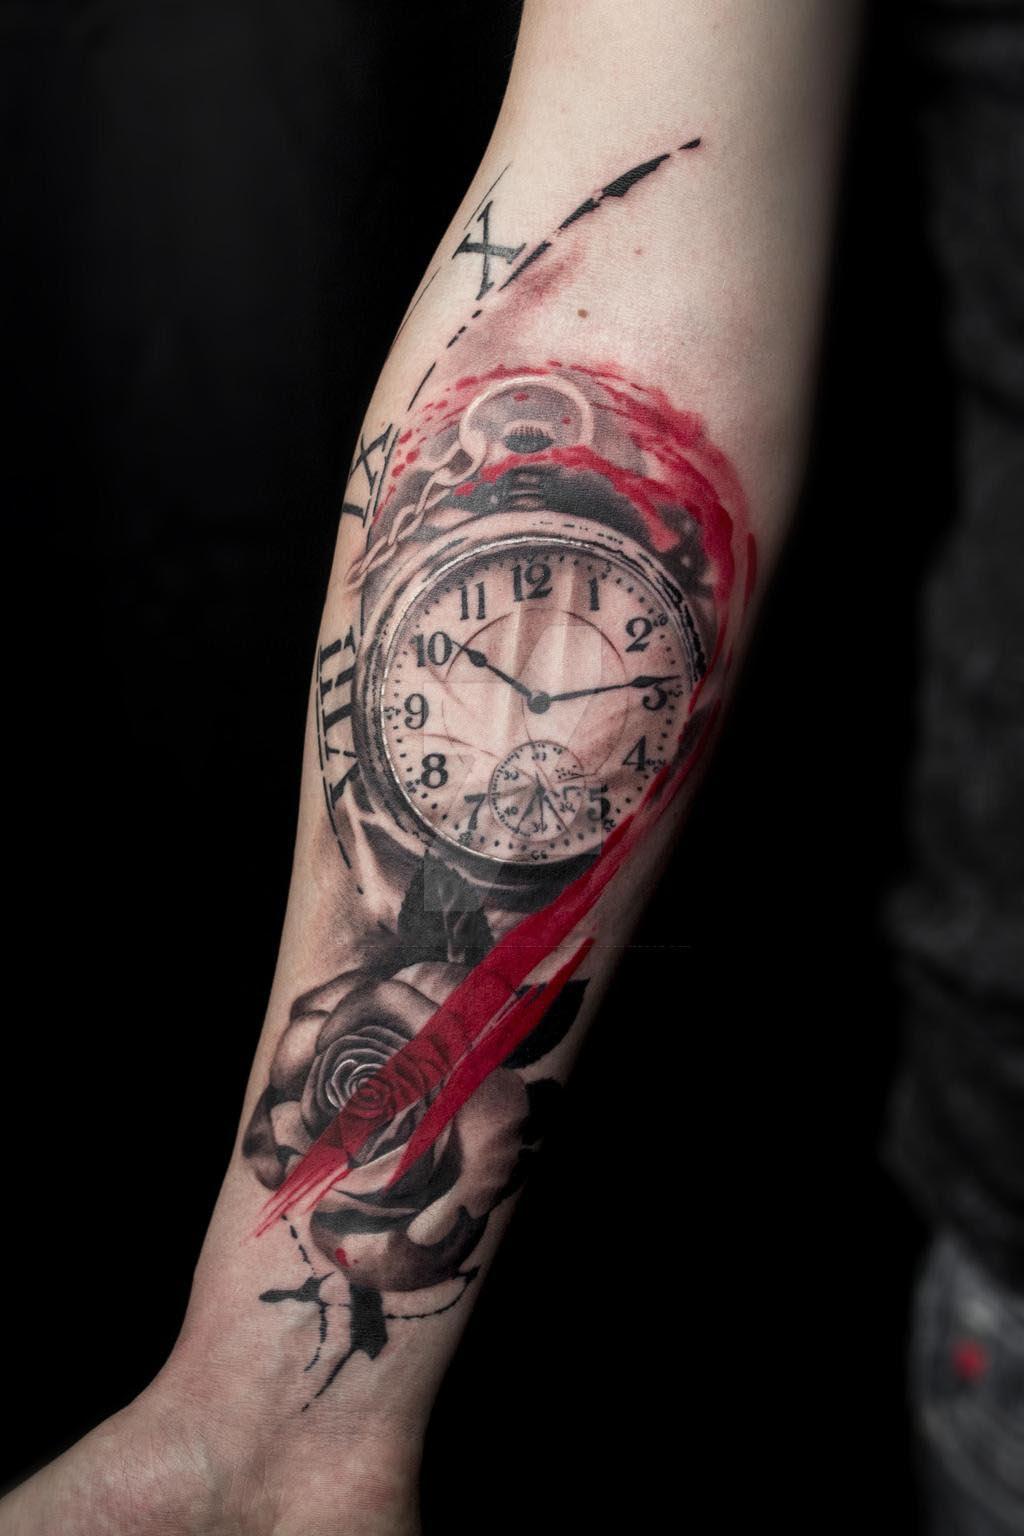 Hình xăm đồng hồ ở tay